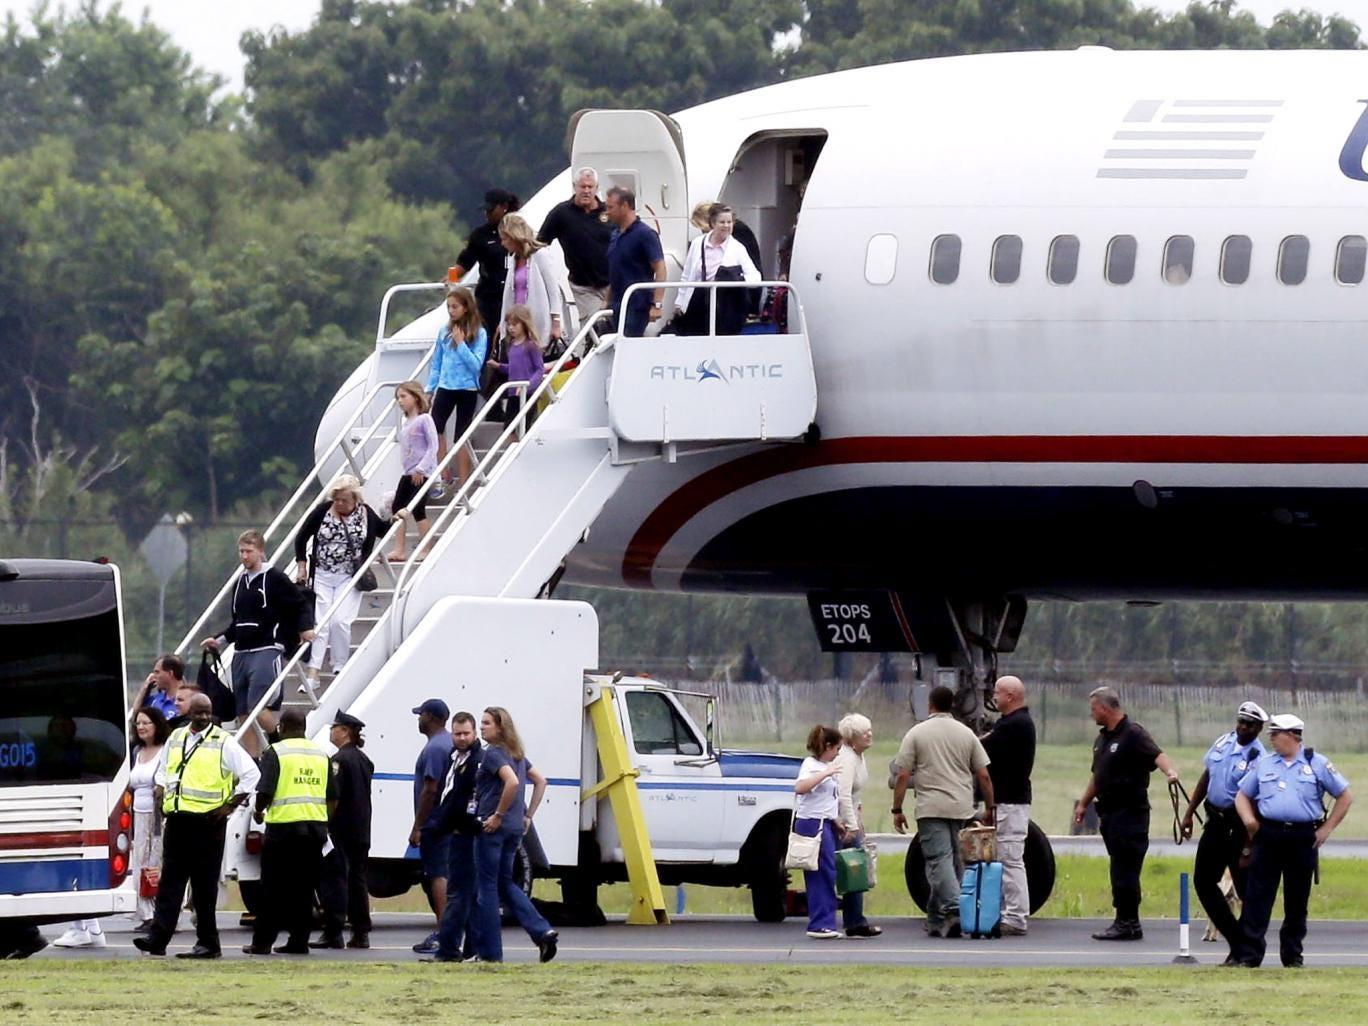 Passengers exit the plane in Philadelphia